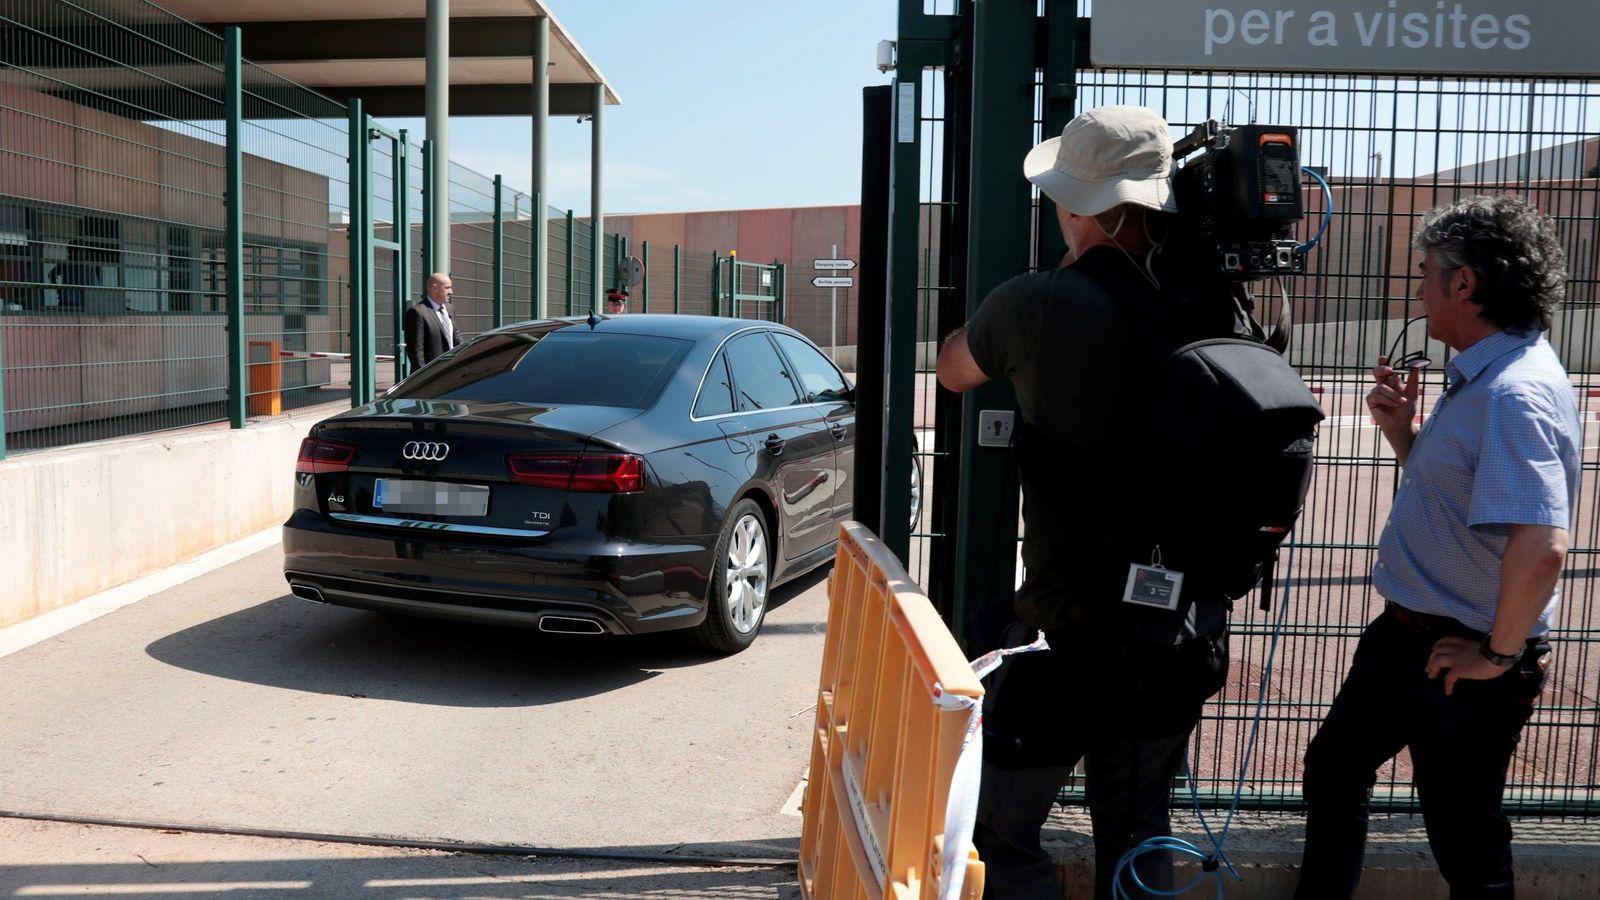 Foto: Centro penitenciario de Llenoders, donde están presos siete políticos independentistas. (EFE)